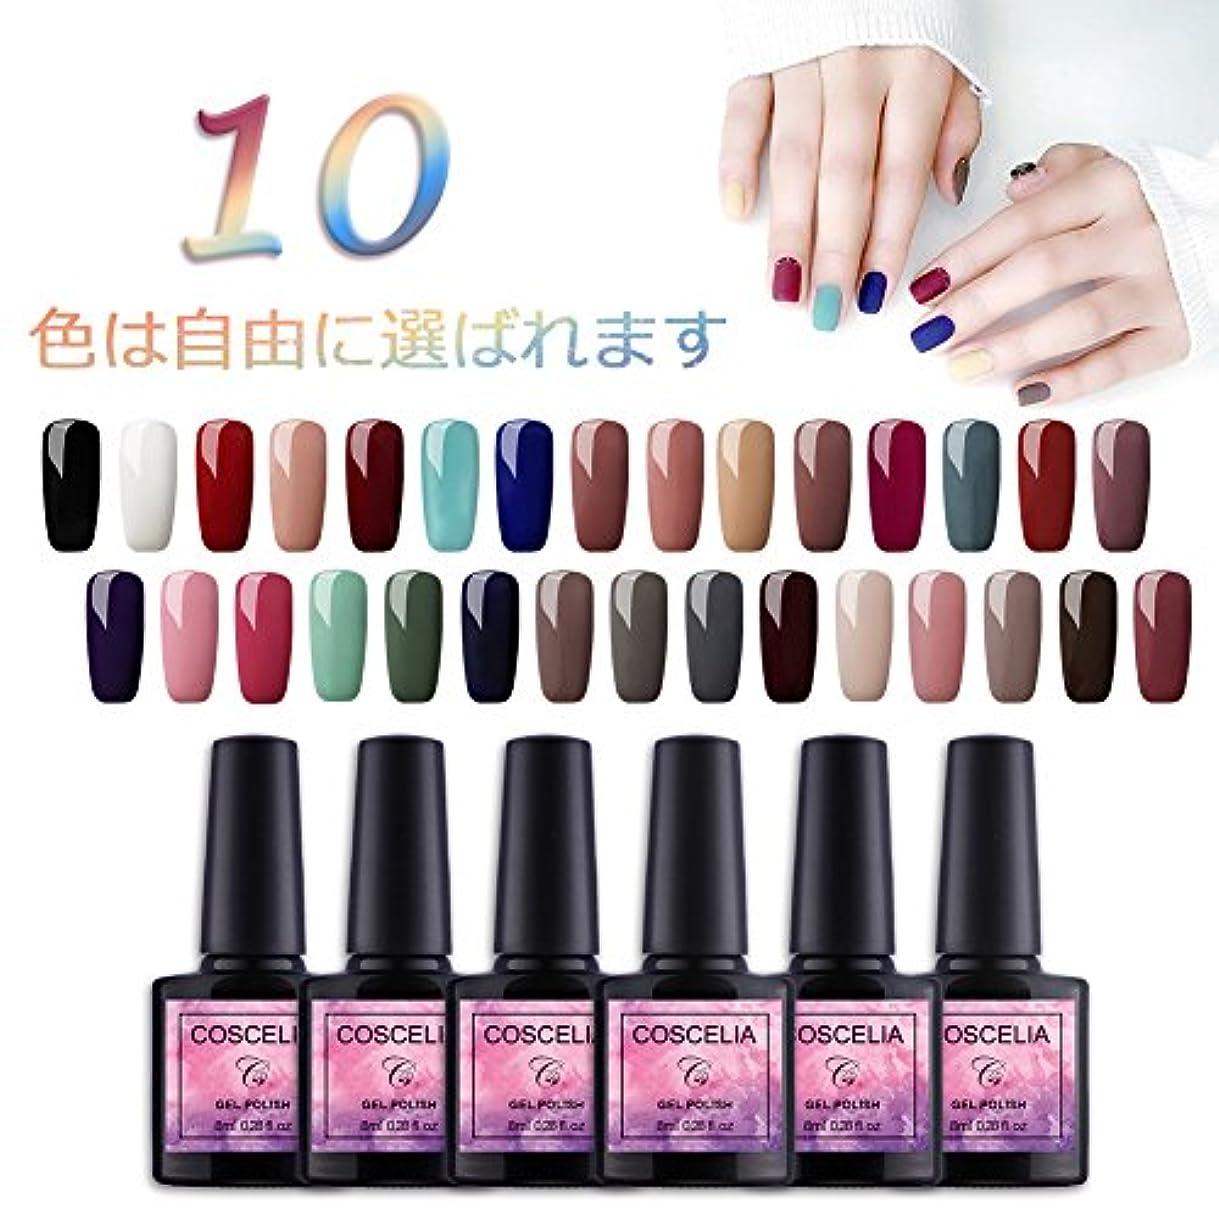 公平メイド失業Twinkle Store カラージェル 10色套装 8 ml ジェルネイルカラー UV/LED 适用 ネイルアートジェルで簡単に DIY 10色を自由に選ぶことができる